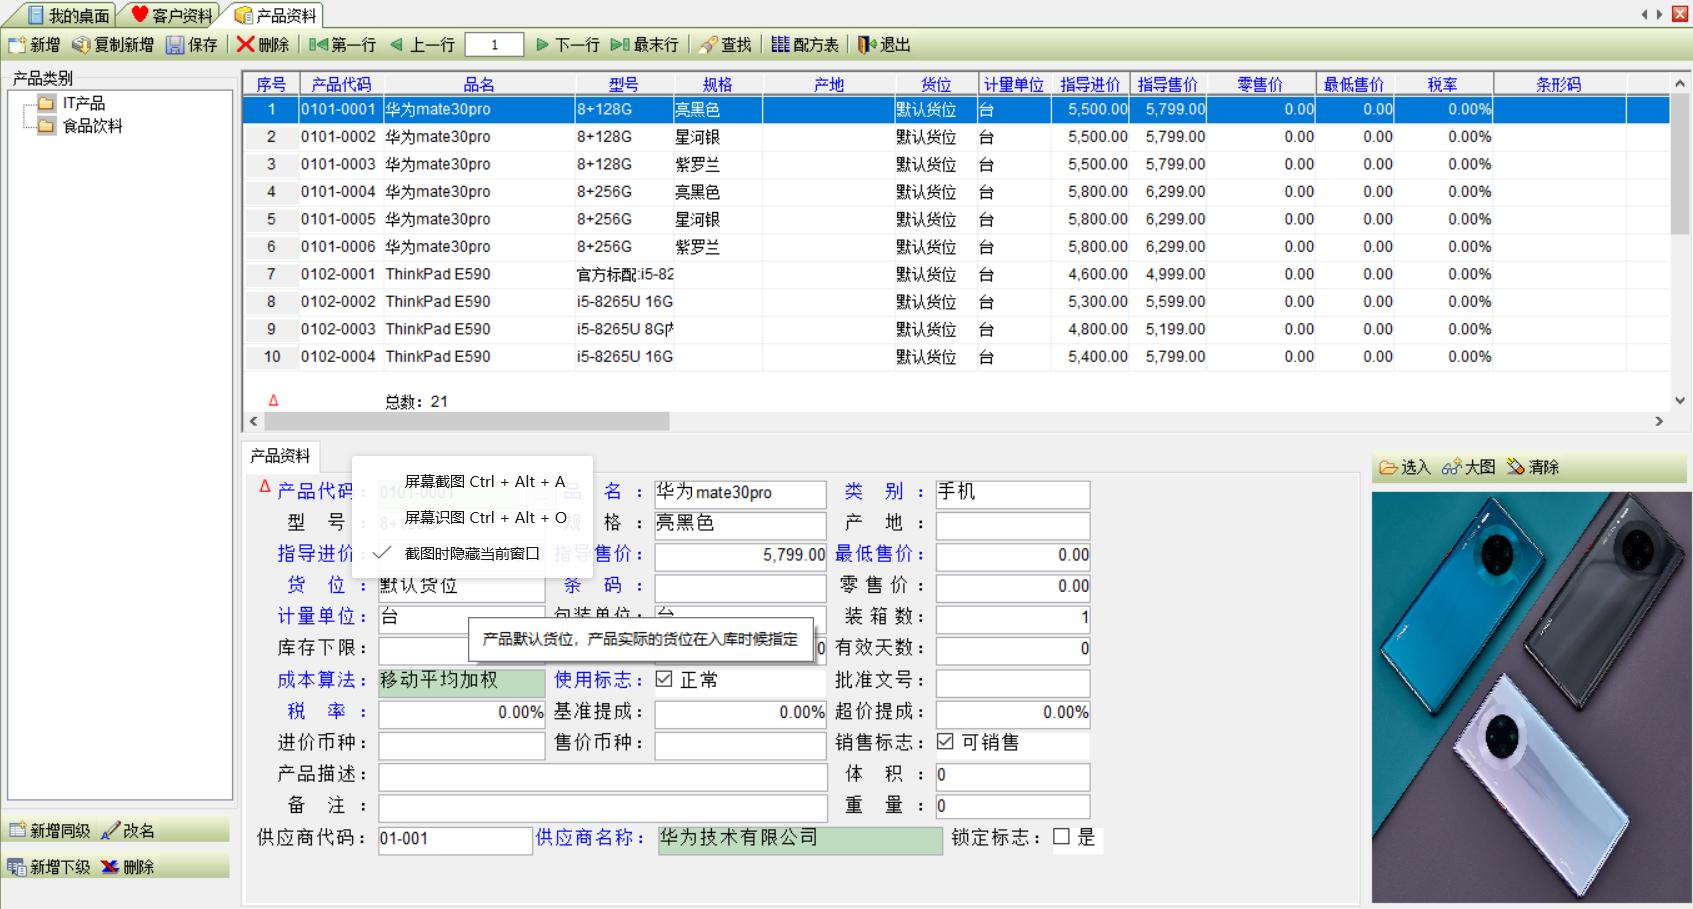 世纪之星CRM进销存软件截图6